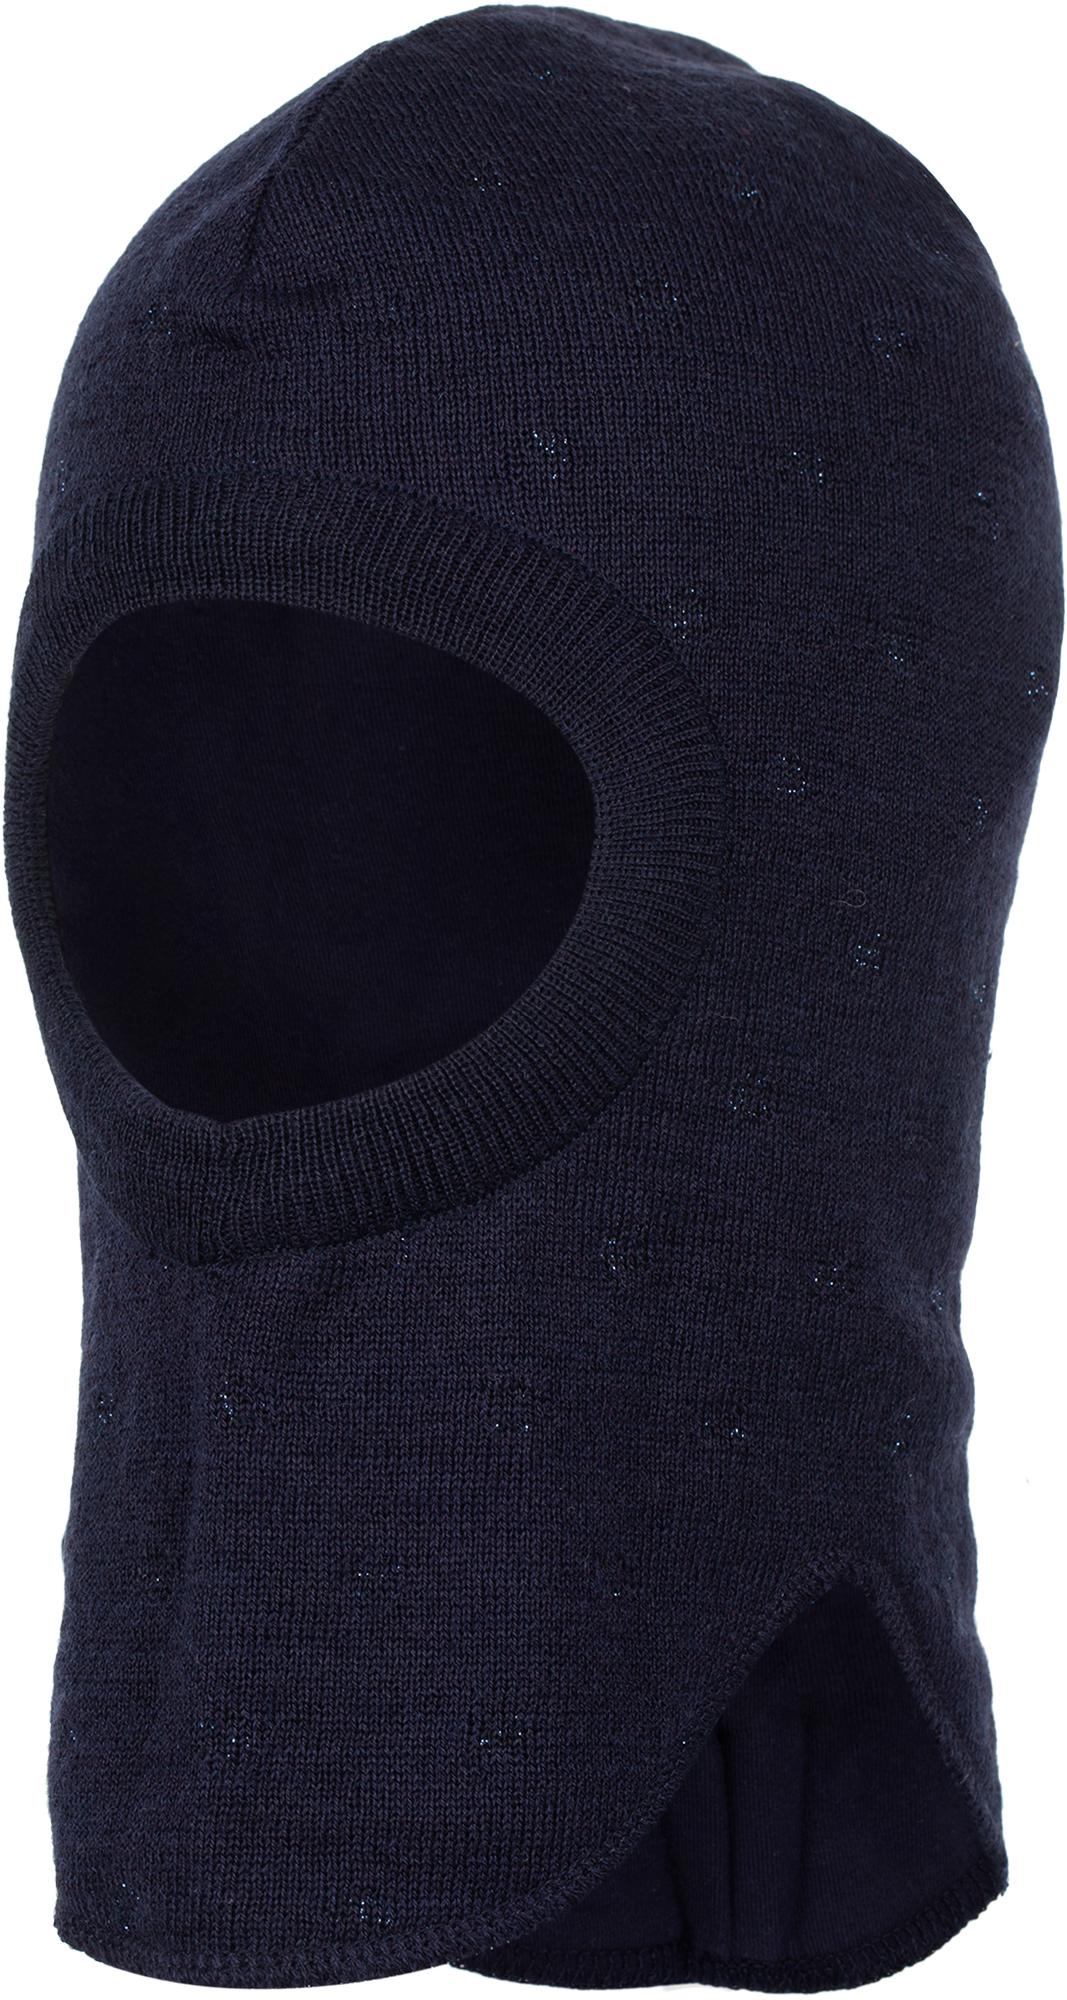 LASSIE Шапка для девочек LASSIE Juusa, размер 54 шапка для девочки lassie цвет розовый 7287185161 размер 50 52